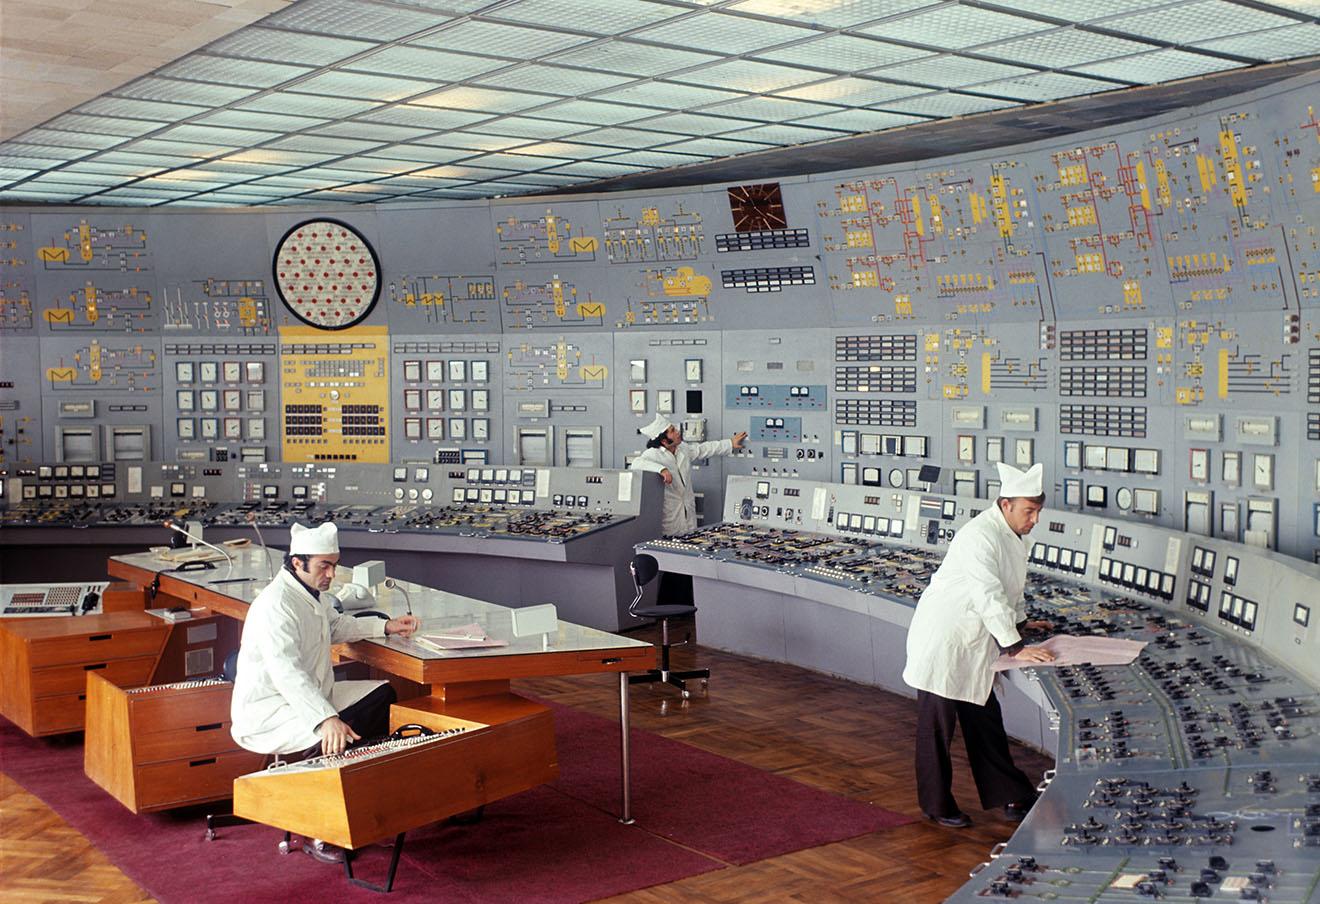 Армения. Пульт управления Мецаморской атомной электростанцией. Фото Мартина Шахбазяна /Фотохроника ТАСС/